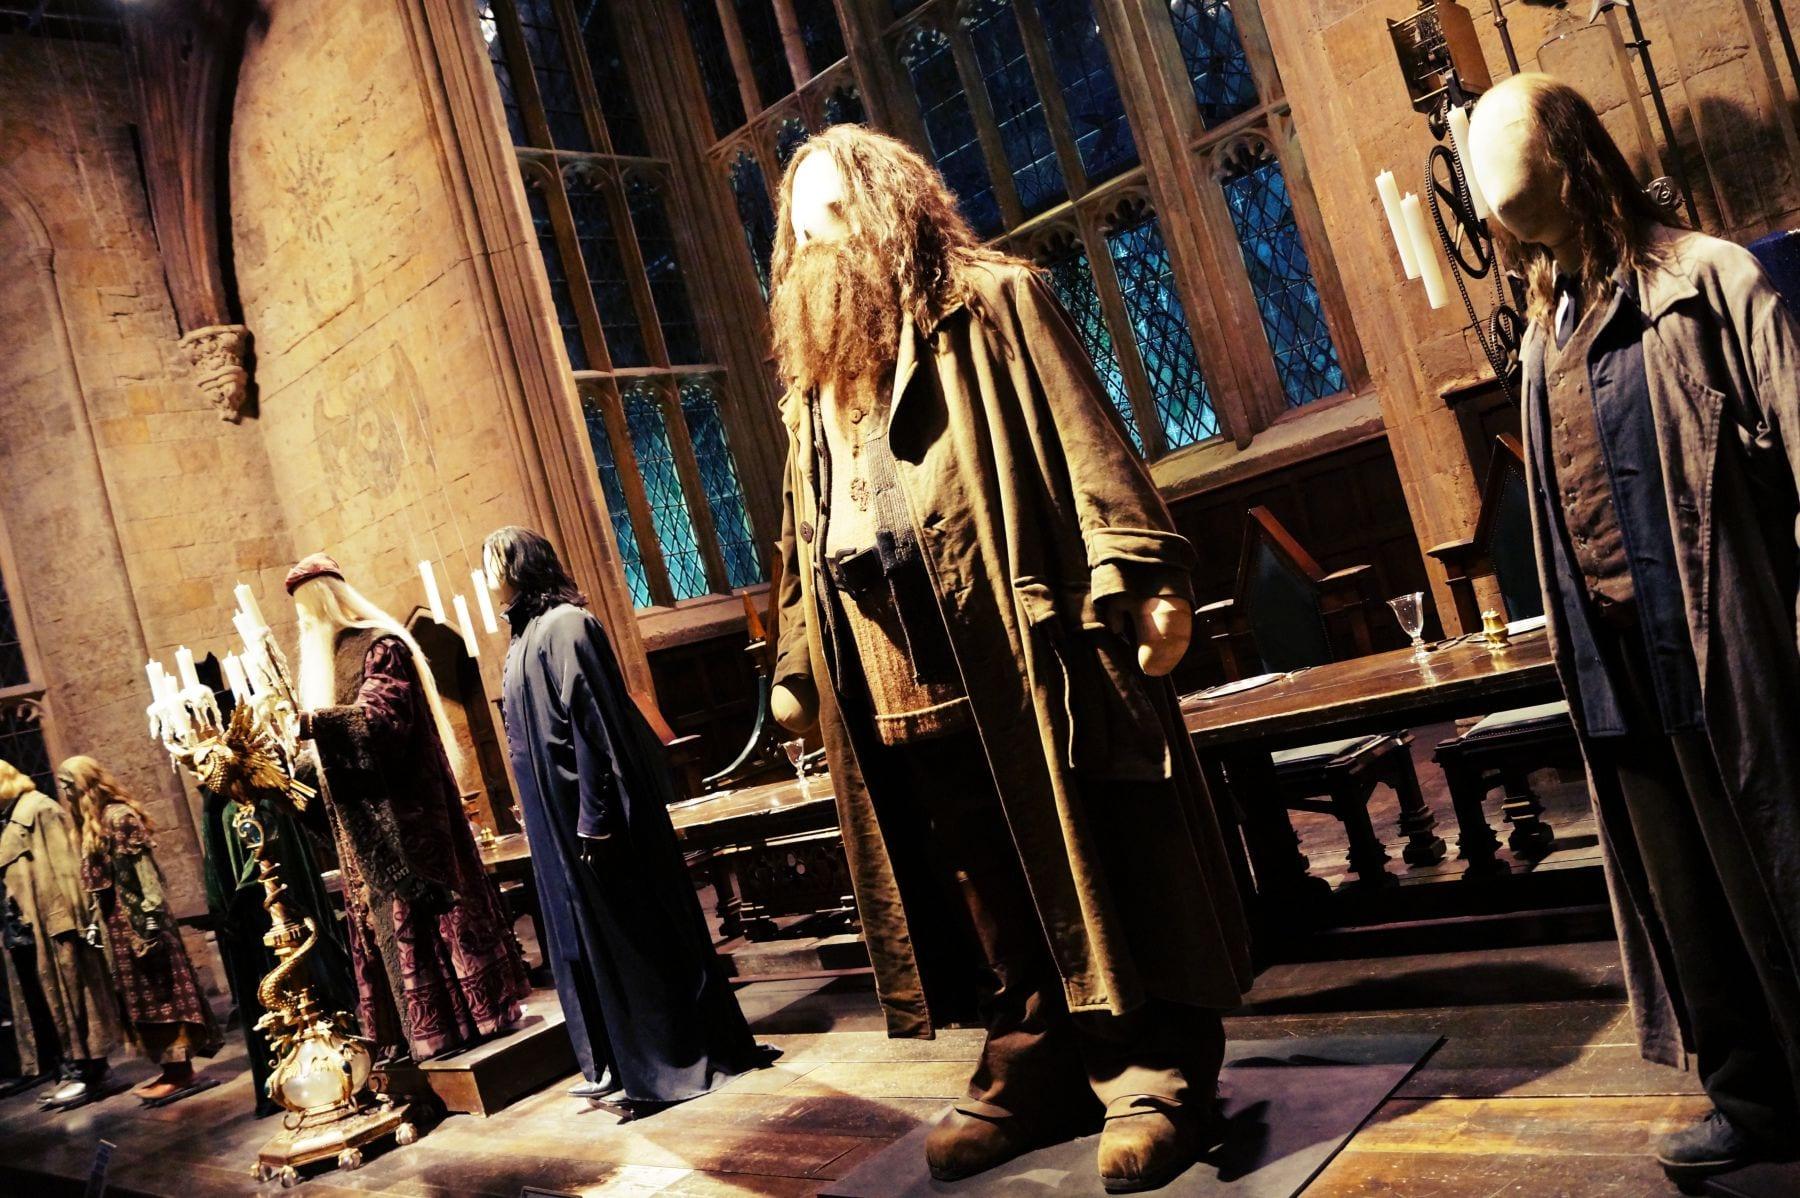 Vorne sind einige Kostüme ausgestellt, hier u.a. Hagrid oder Dumbledore